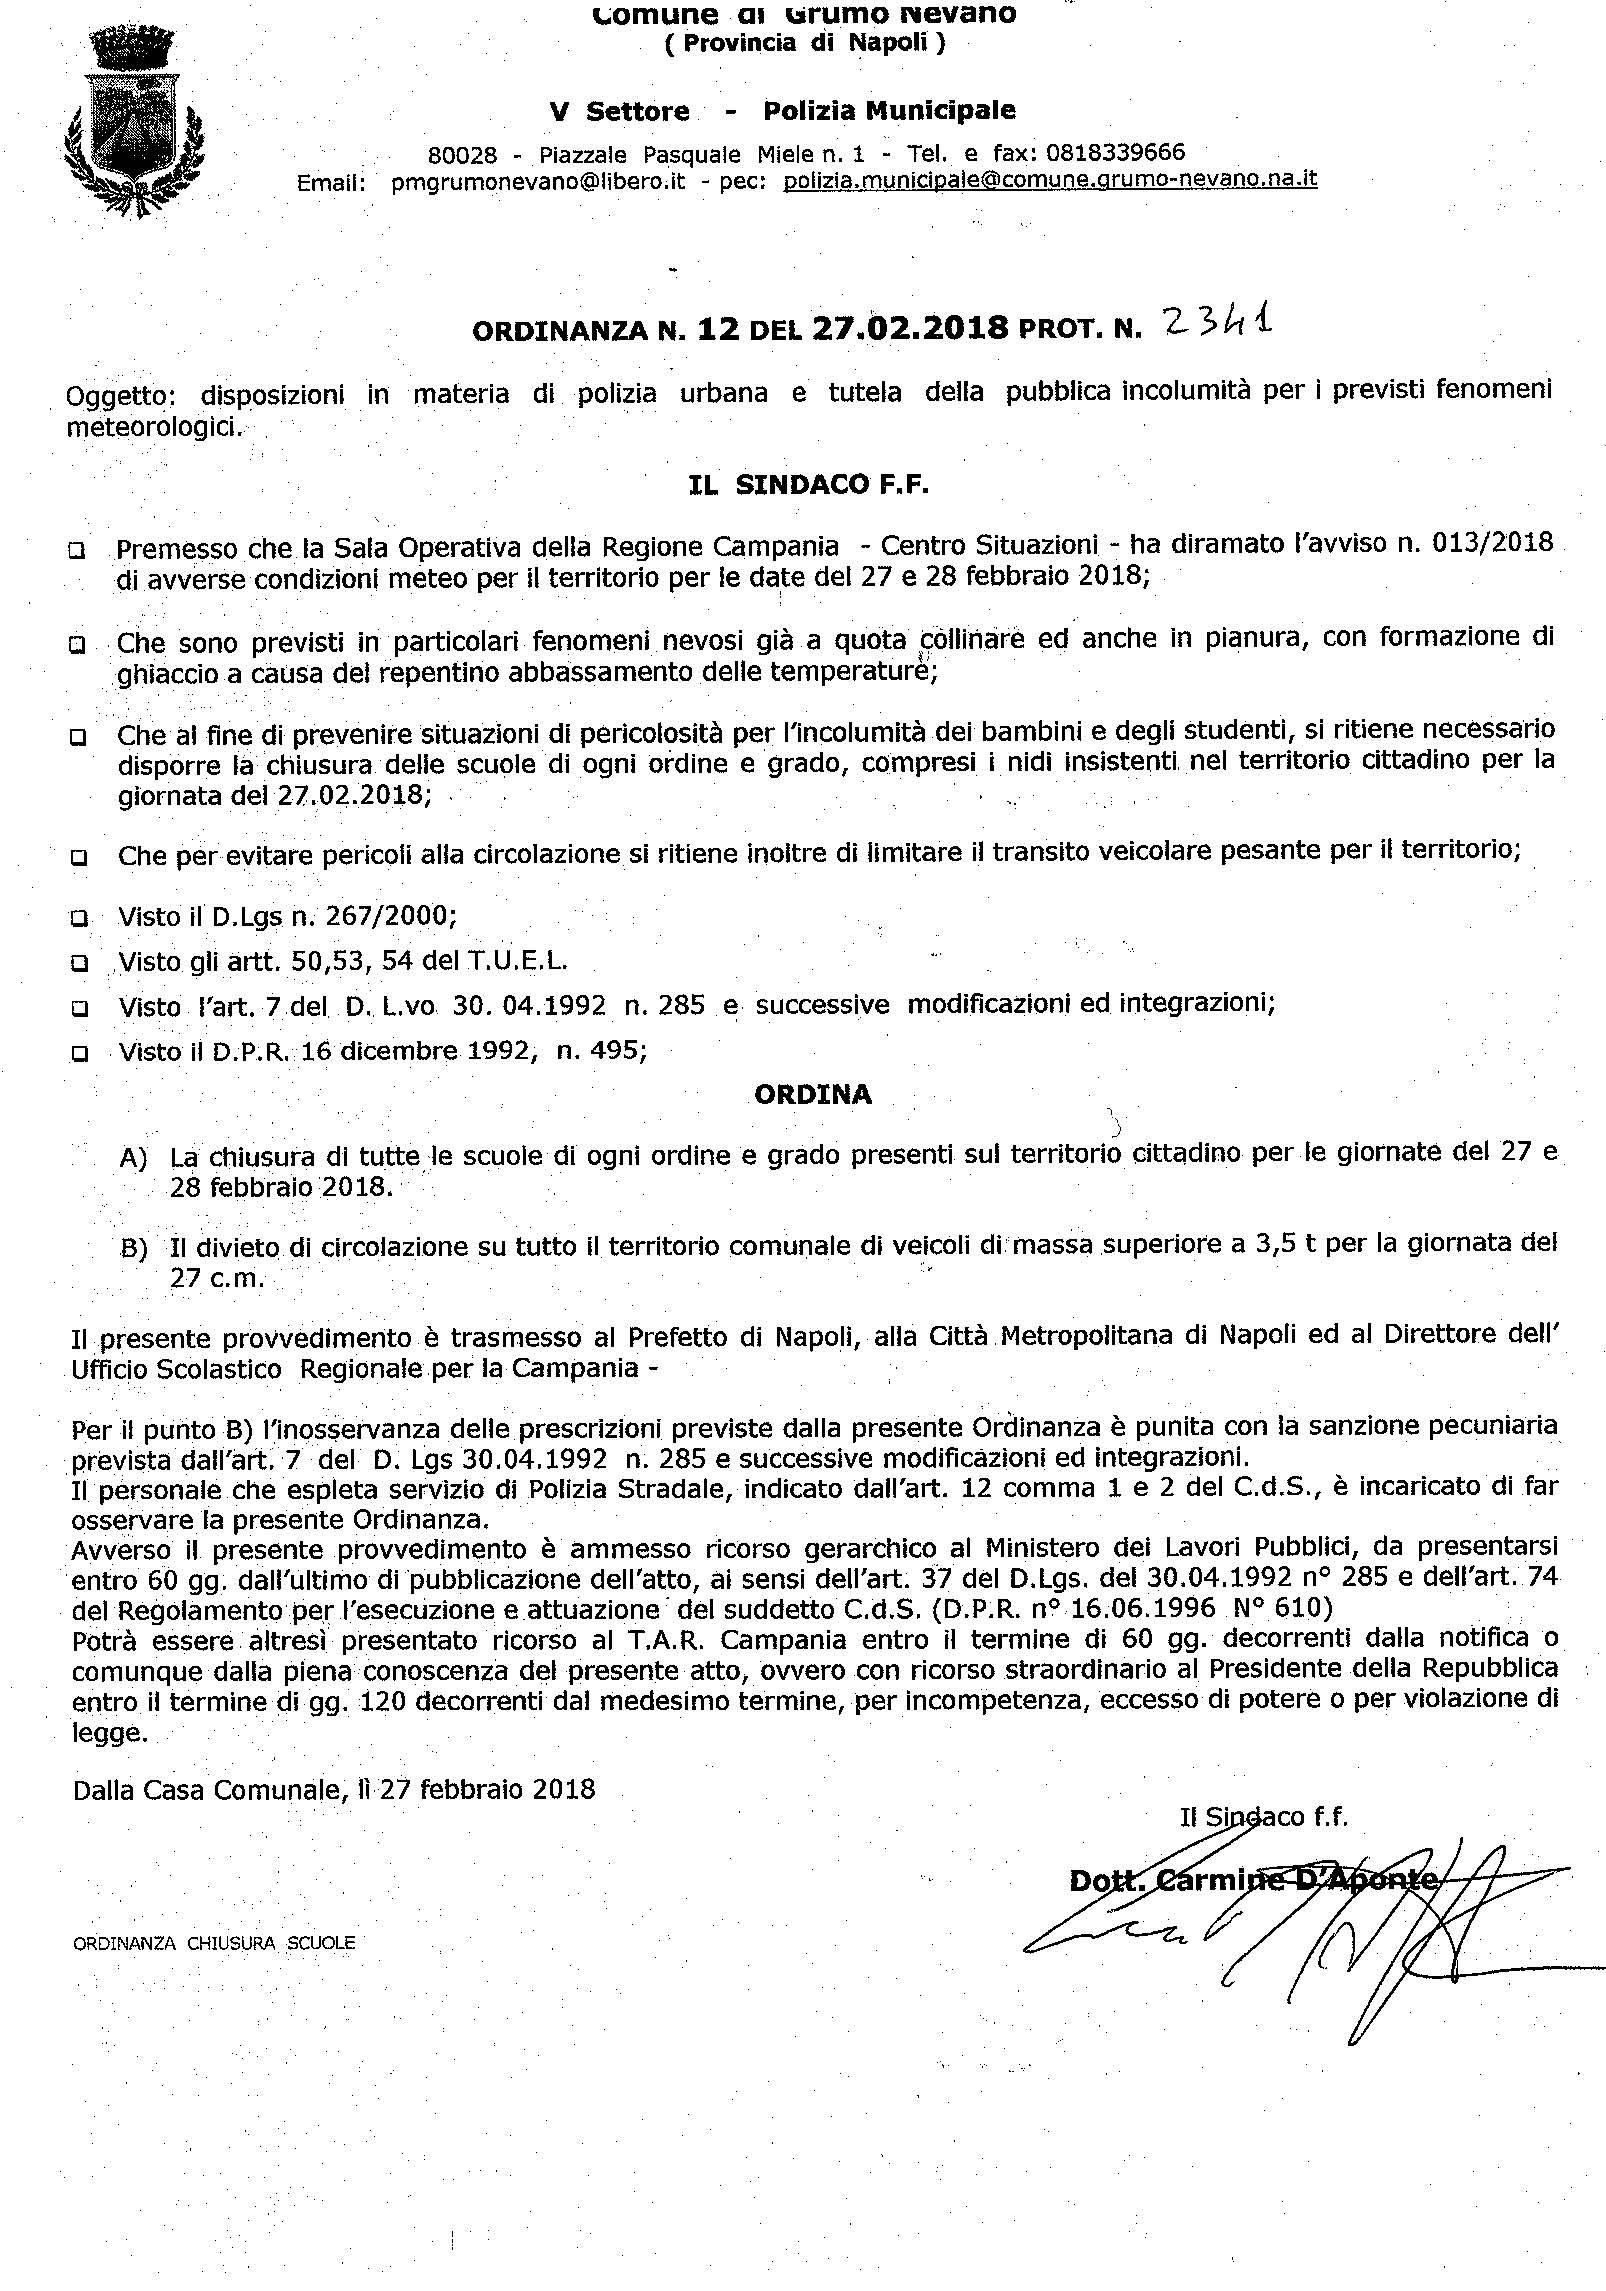 Ordinanza n. 12 del 27.02.2018 (1)